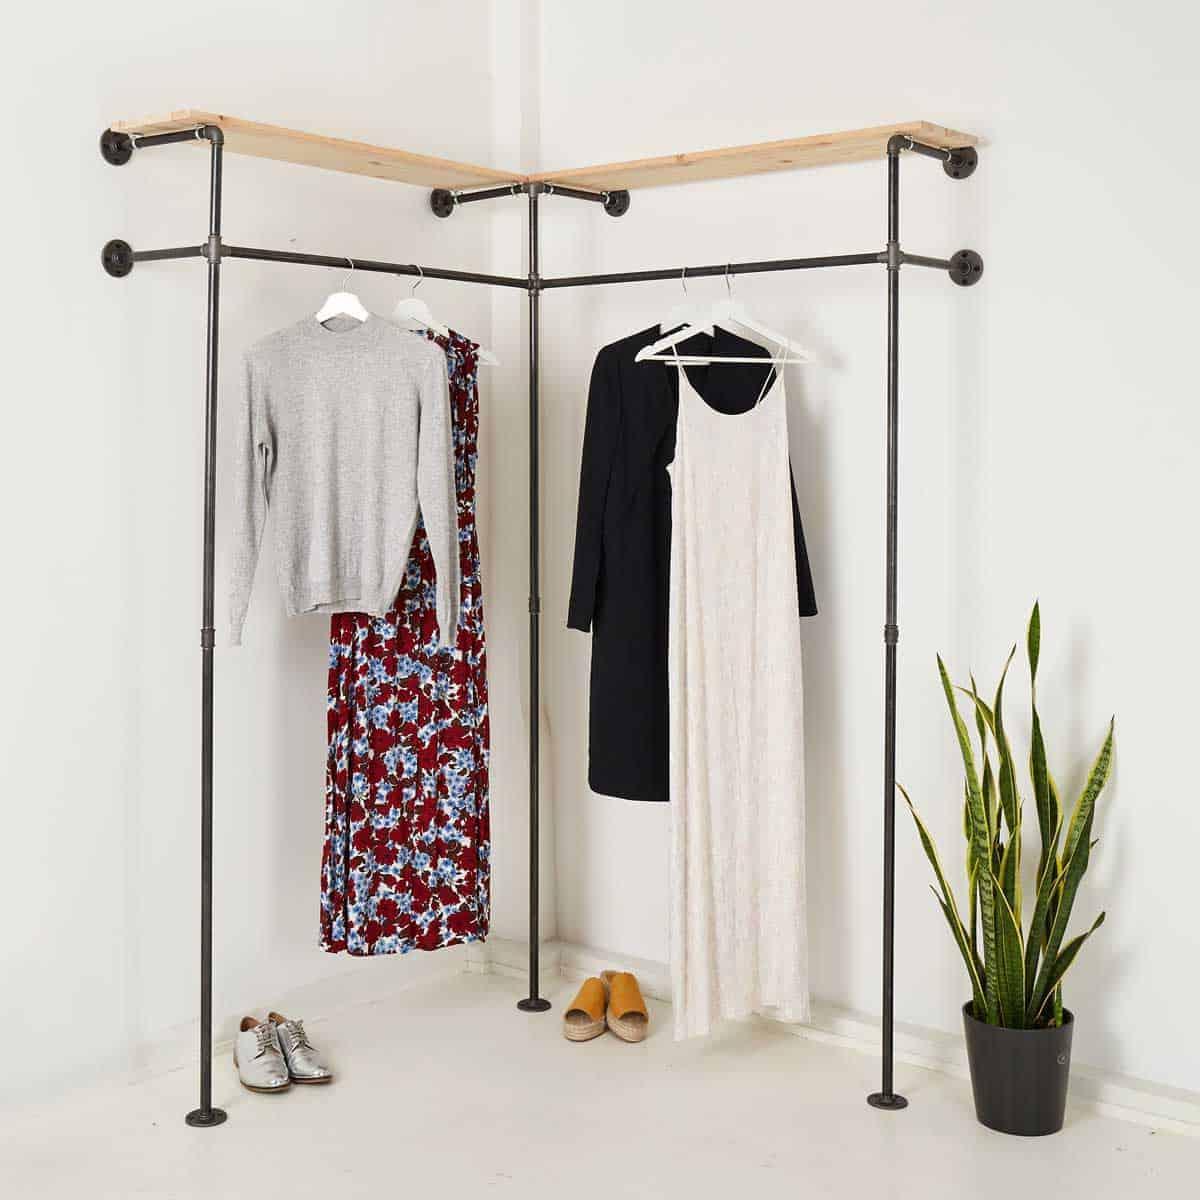 Garderobe Industrial Design Kleiderschrank Ecklosung Online Bestellen